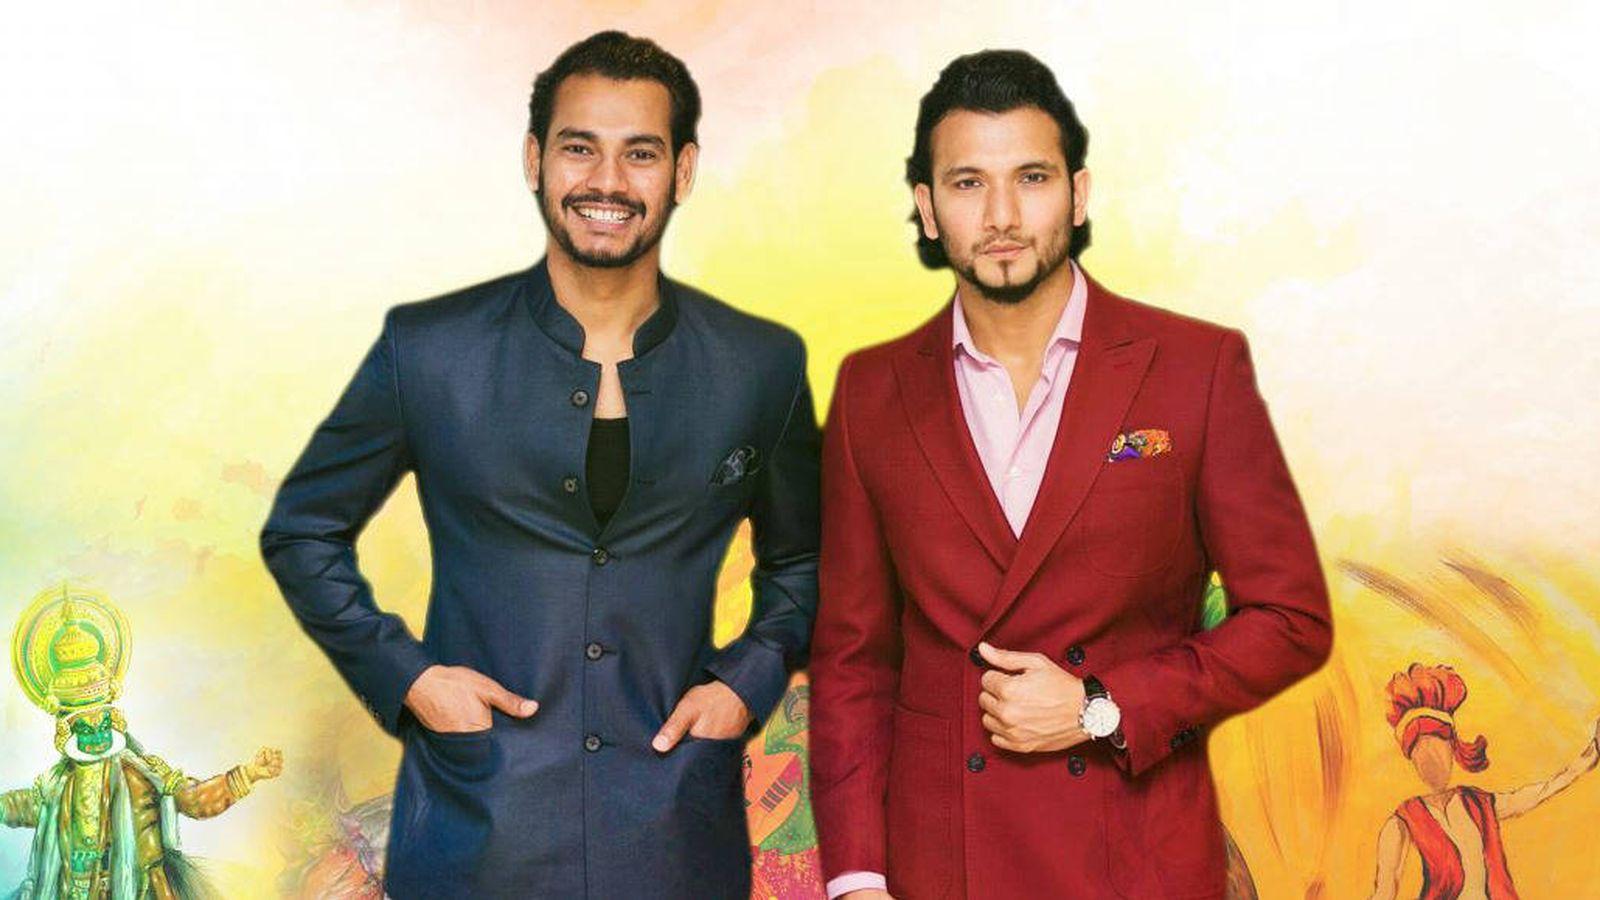 Foto: Suresh y Sunny Singh fundaron la escuela de danza Bollywood pionera en España (Grupo Smedia)